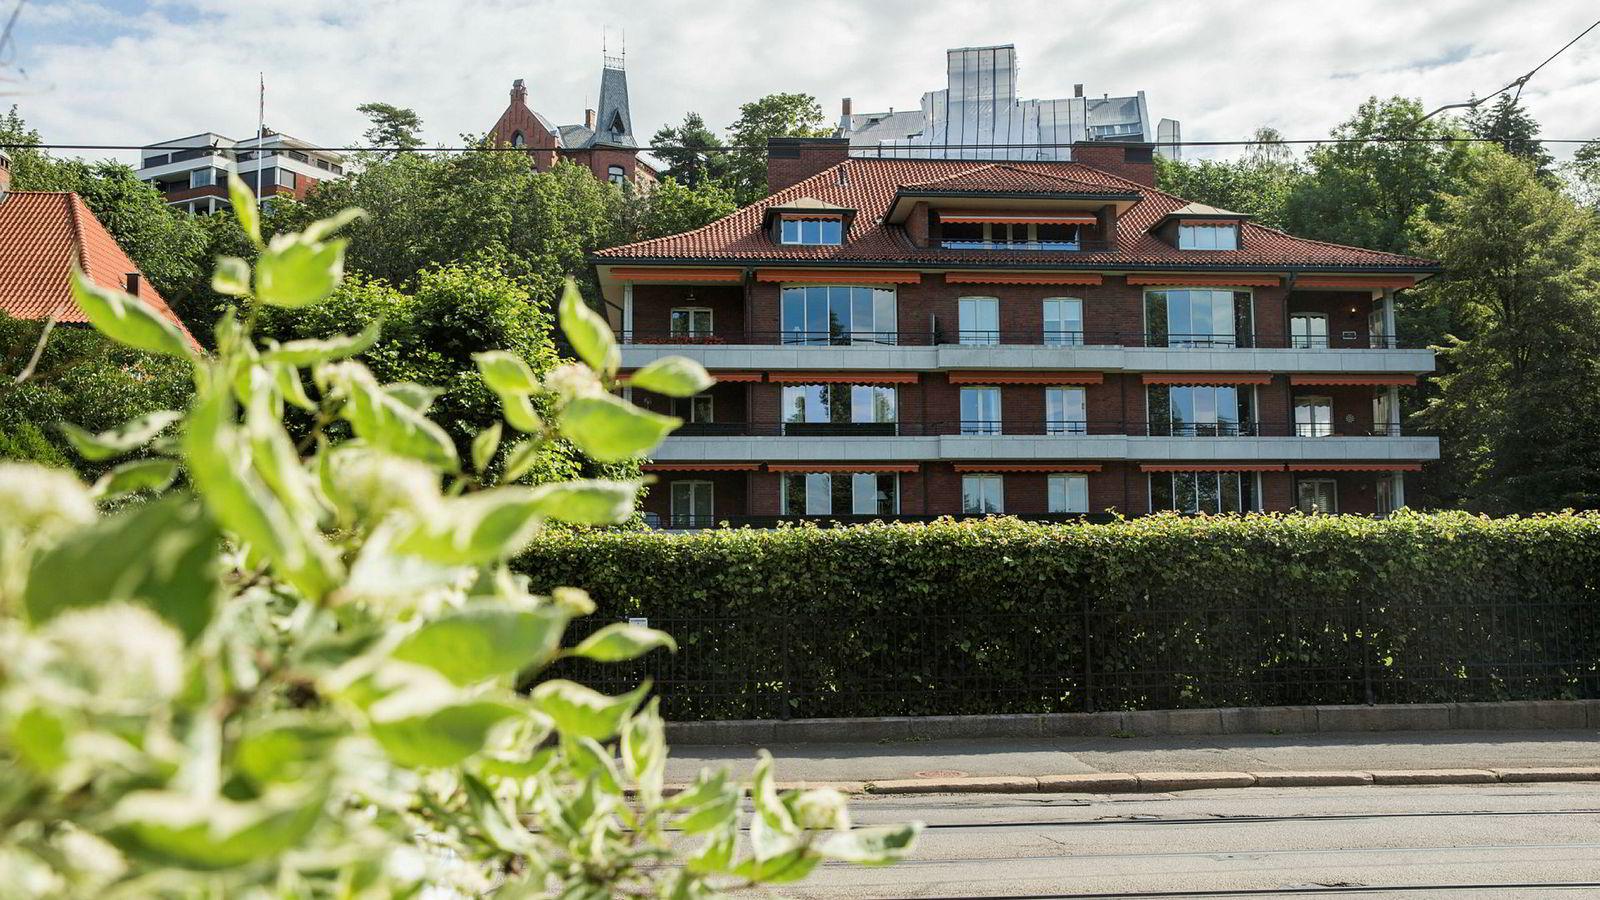 Matvarearving Lars Staff har solgt sin gigantleilighet i dette bygget på Skarpsno i Oslo for 61 millioner kroner til investor Brian Jepsen.